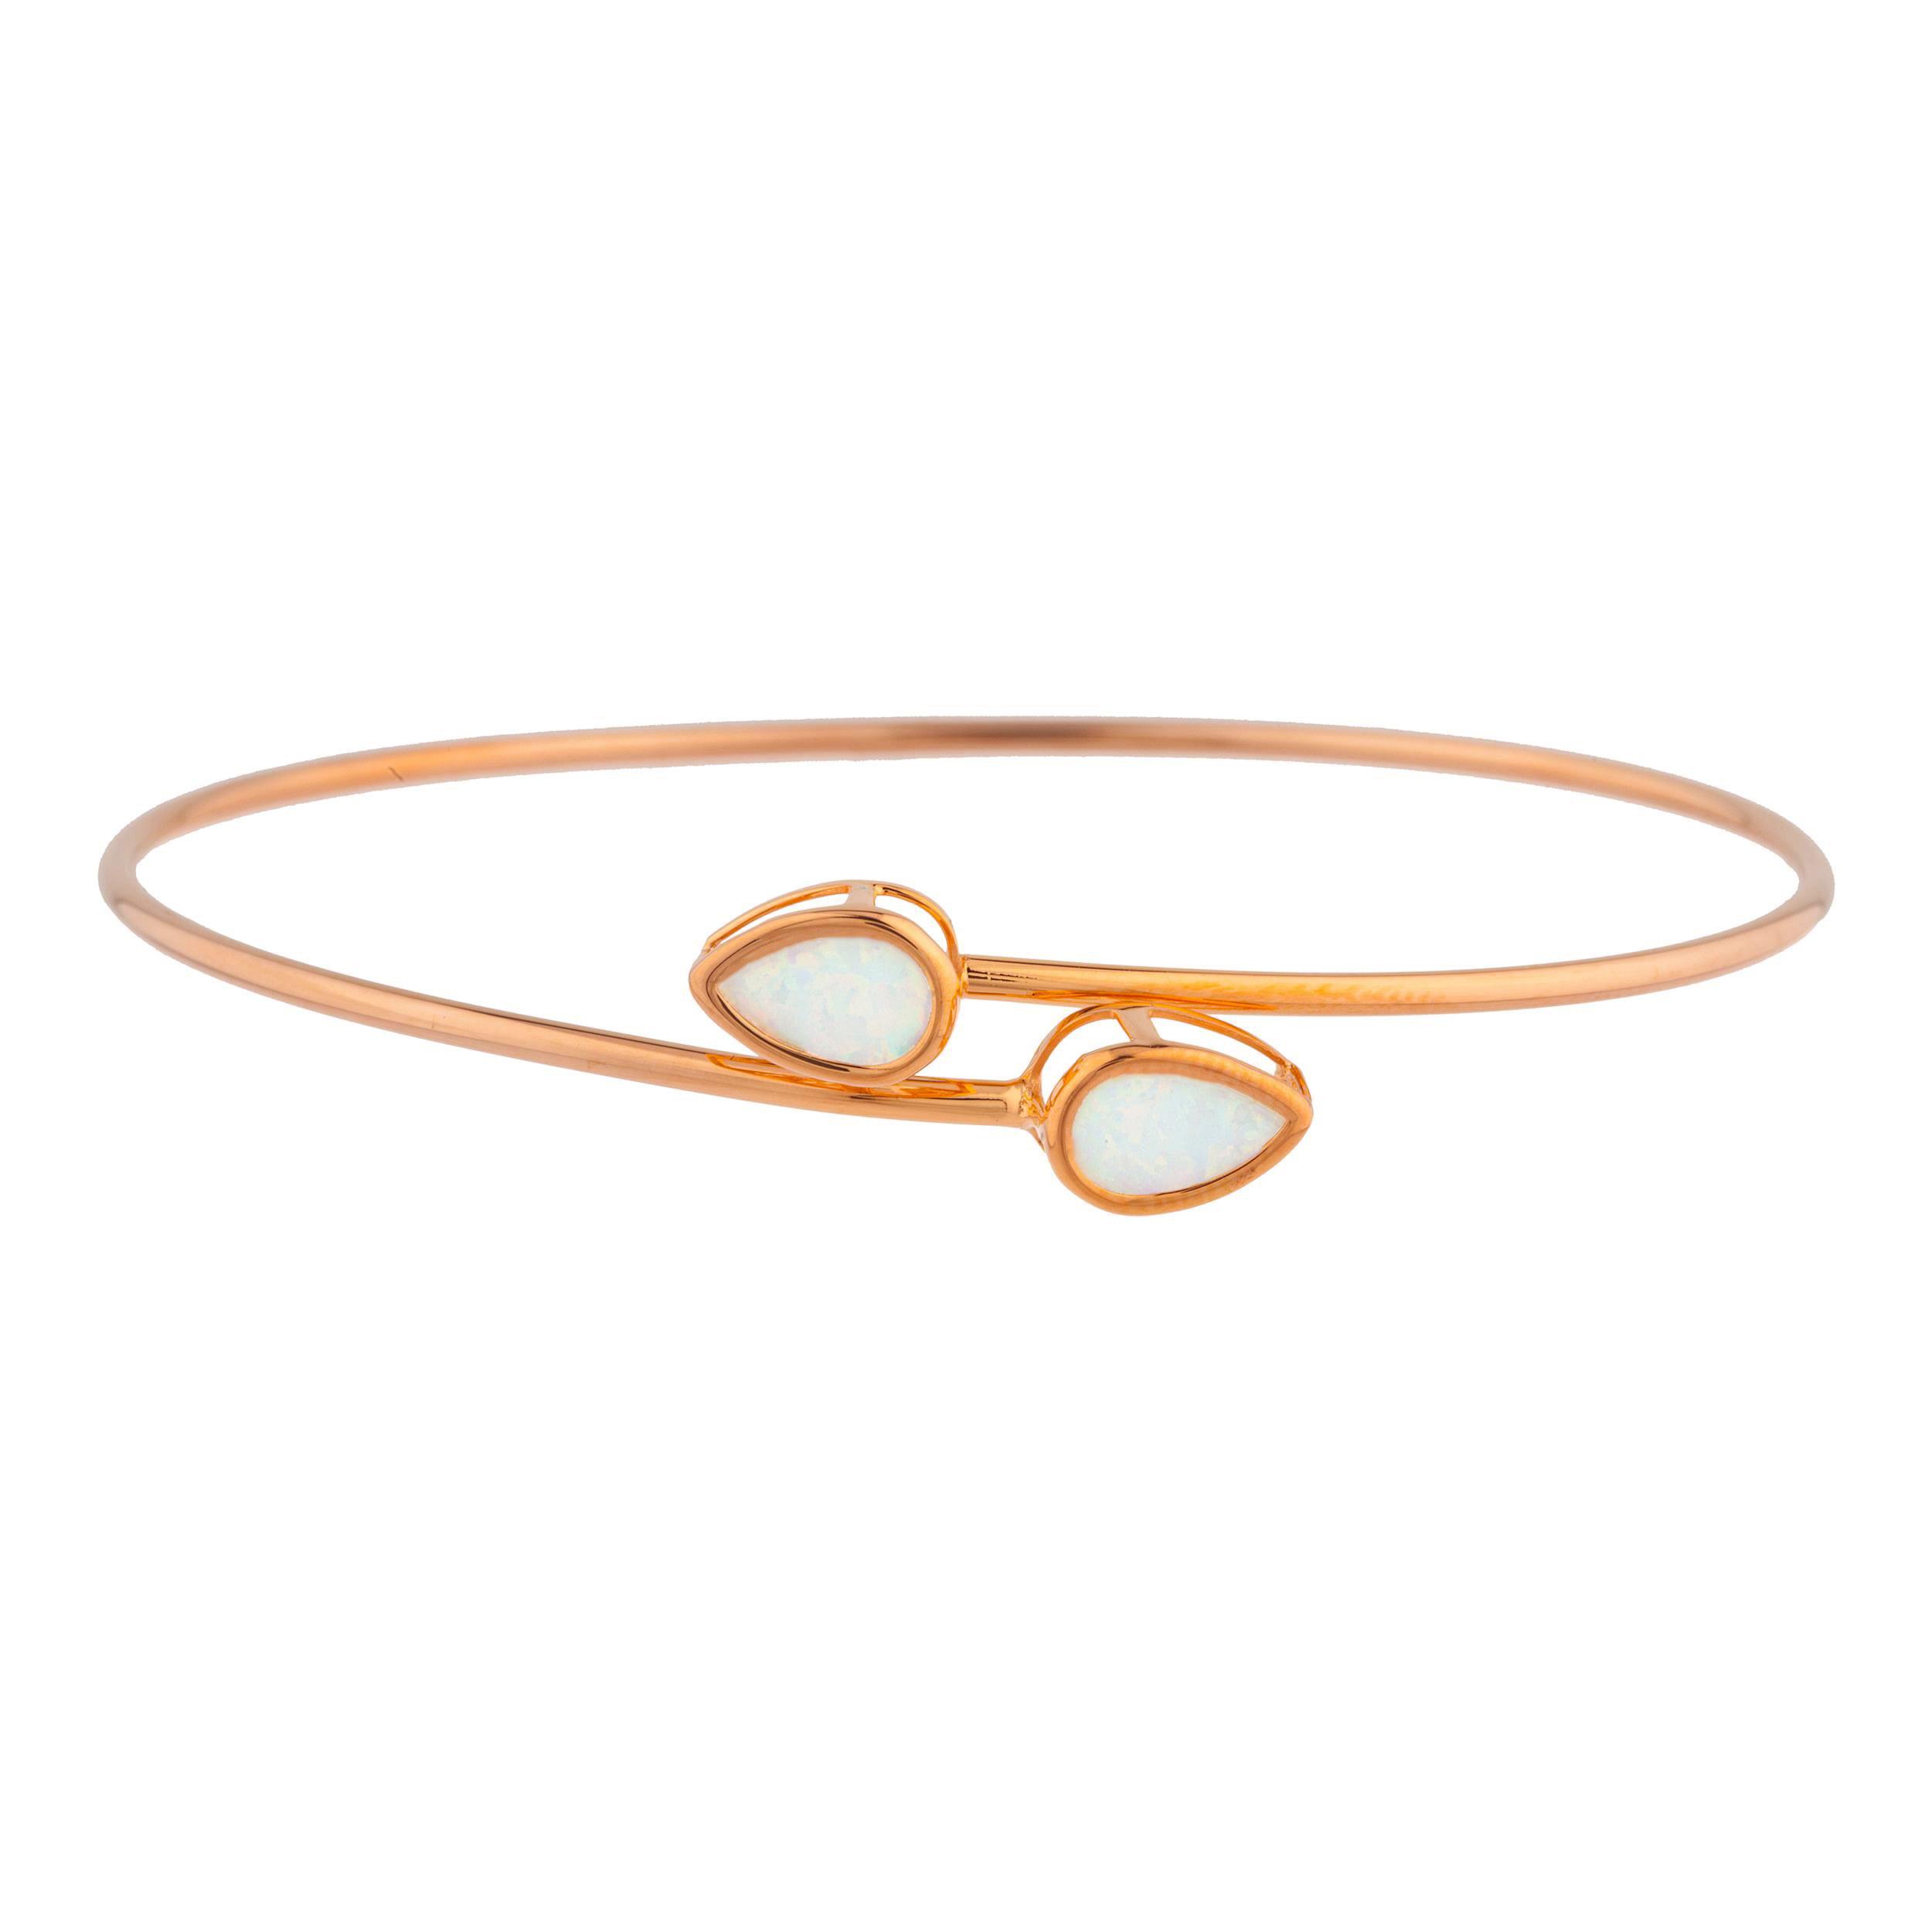 14Kt Rose Gold Plated Opal Pear Bezel Bangle Bracelet by Elizabeth Jewelry Inc